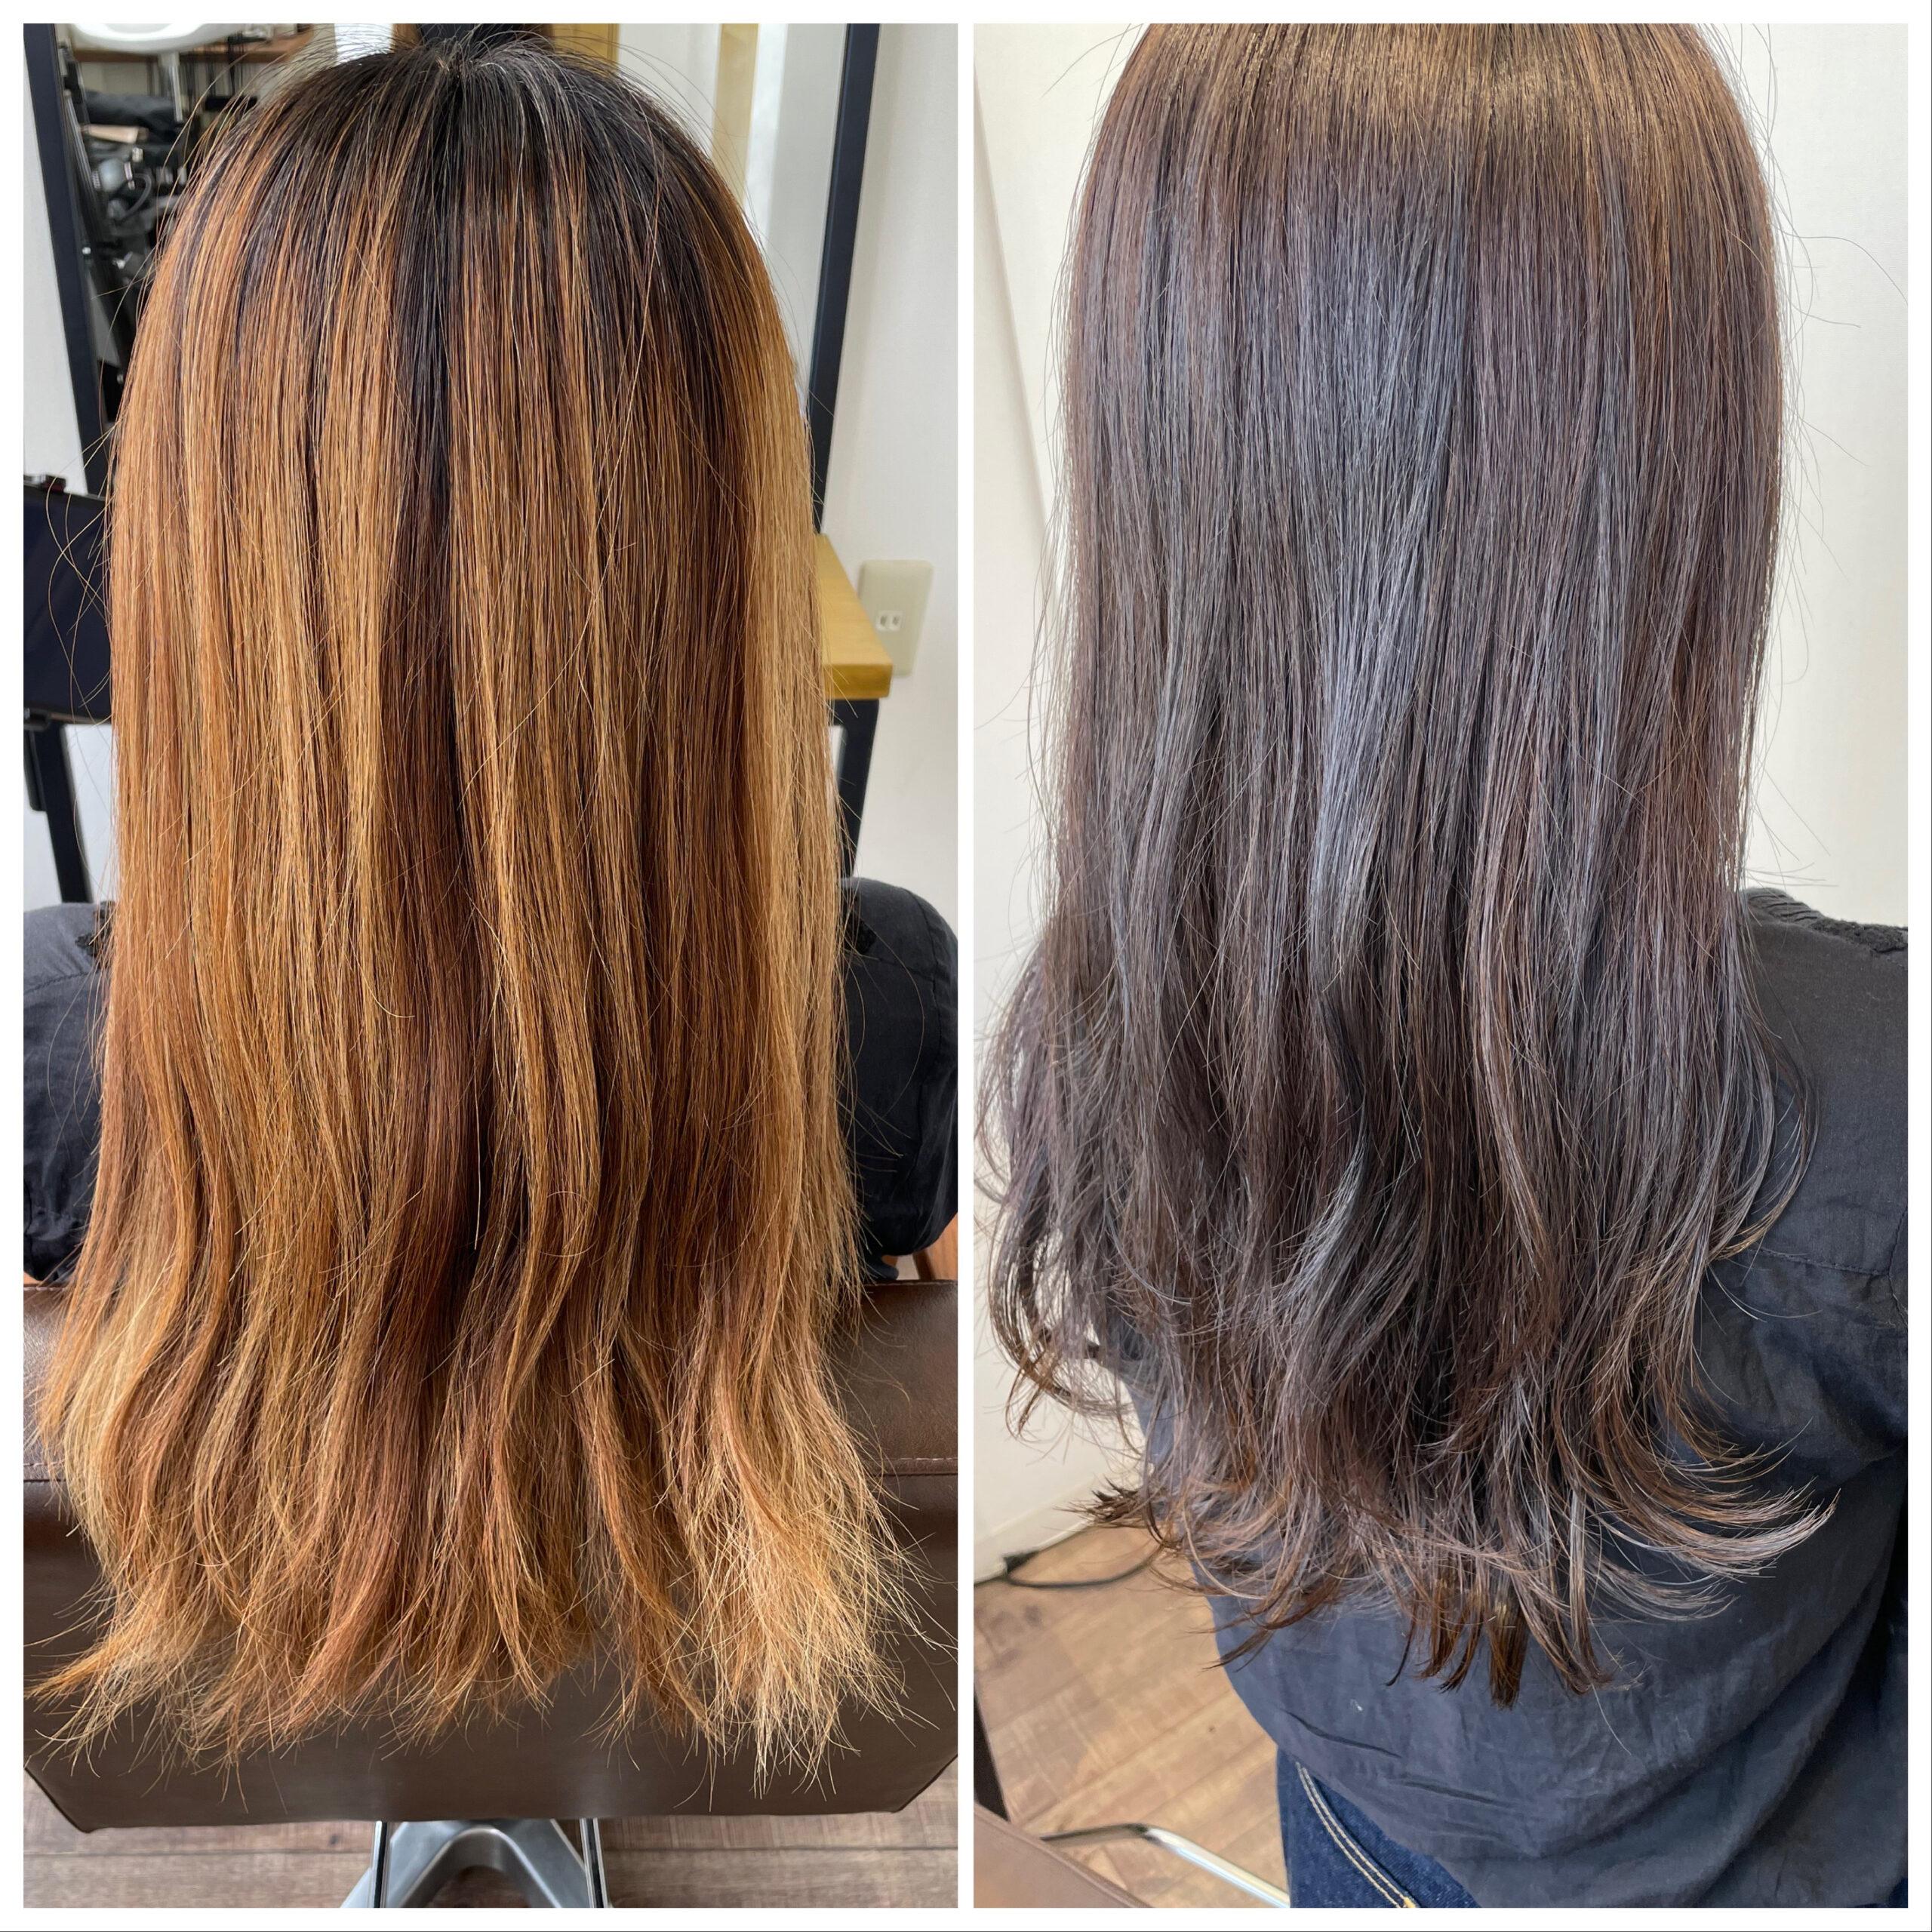 大分県別府市 ブリーチ履歴のある髪の毛を落ち着いたラベンダーベージュのヘアカラーにチェンジ ビフォーアフター